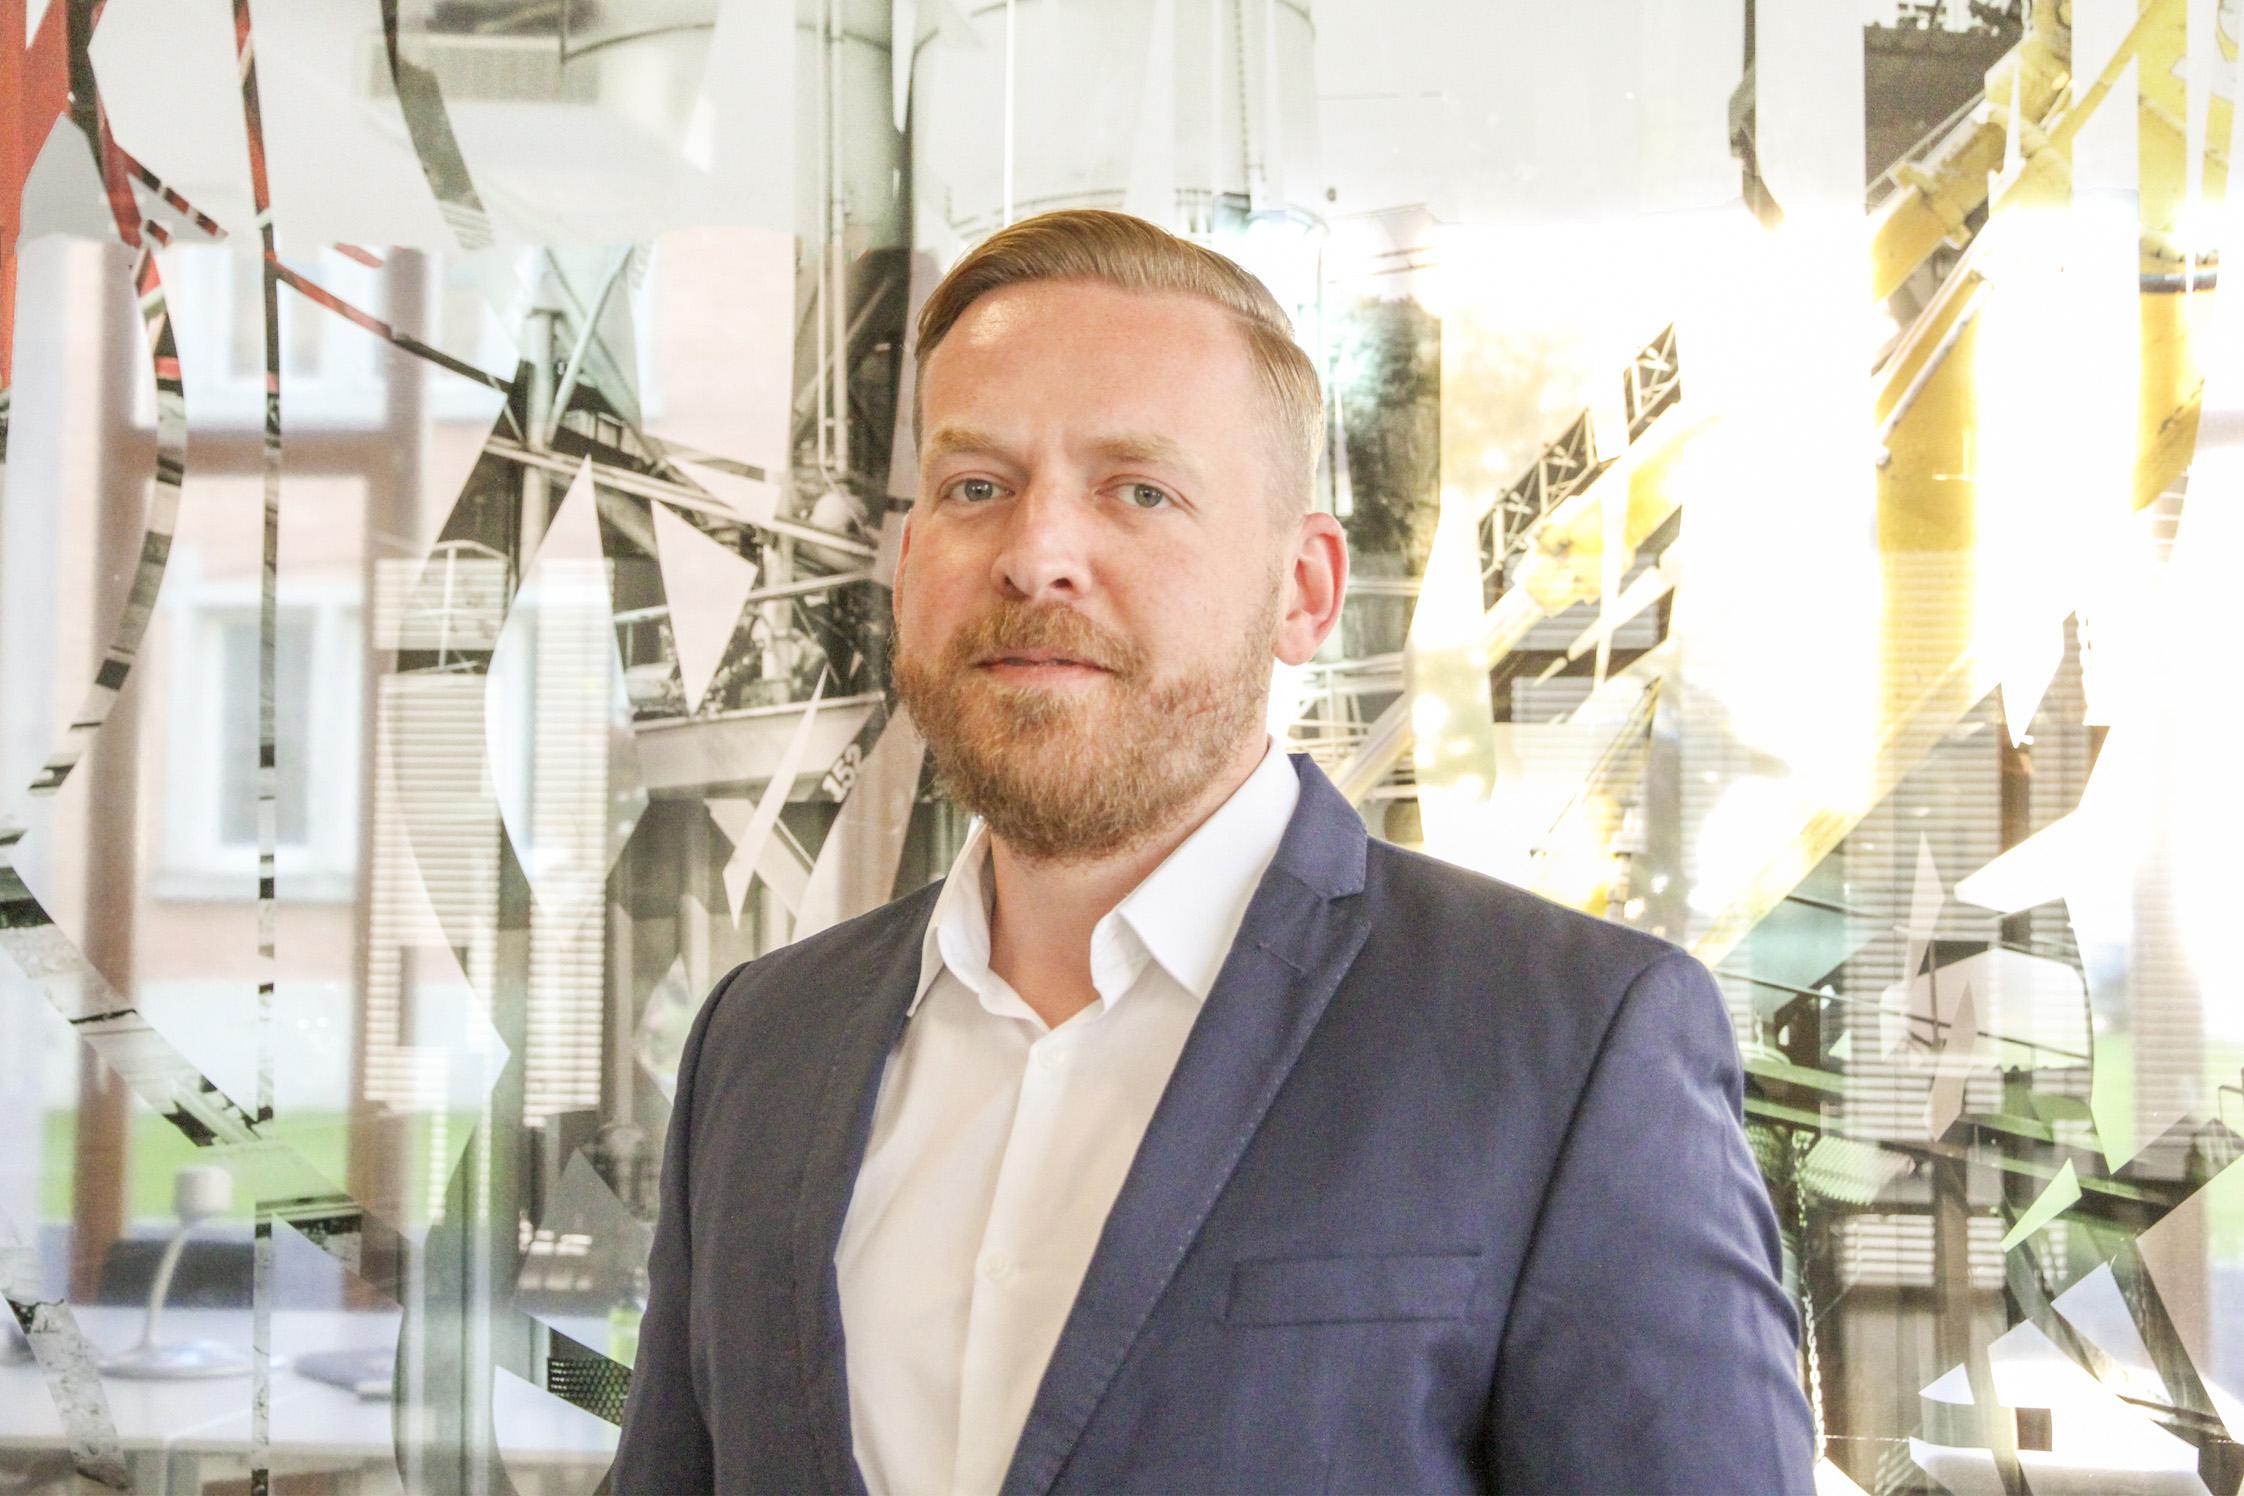 Alexander M. Schmid becomes CFO at Rhomberg Ventures